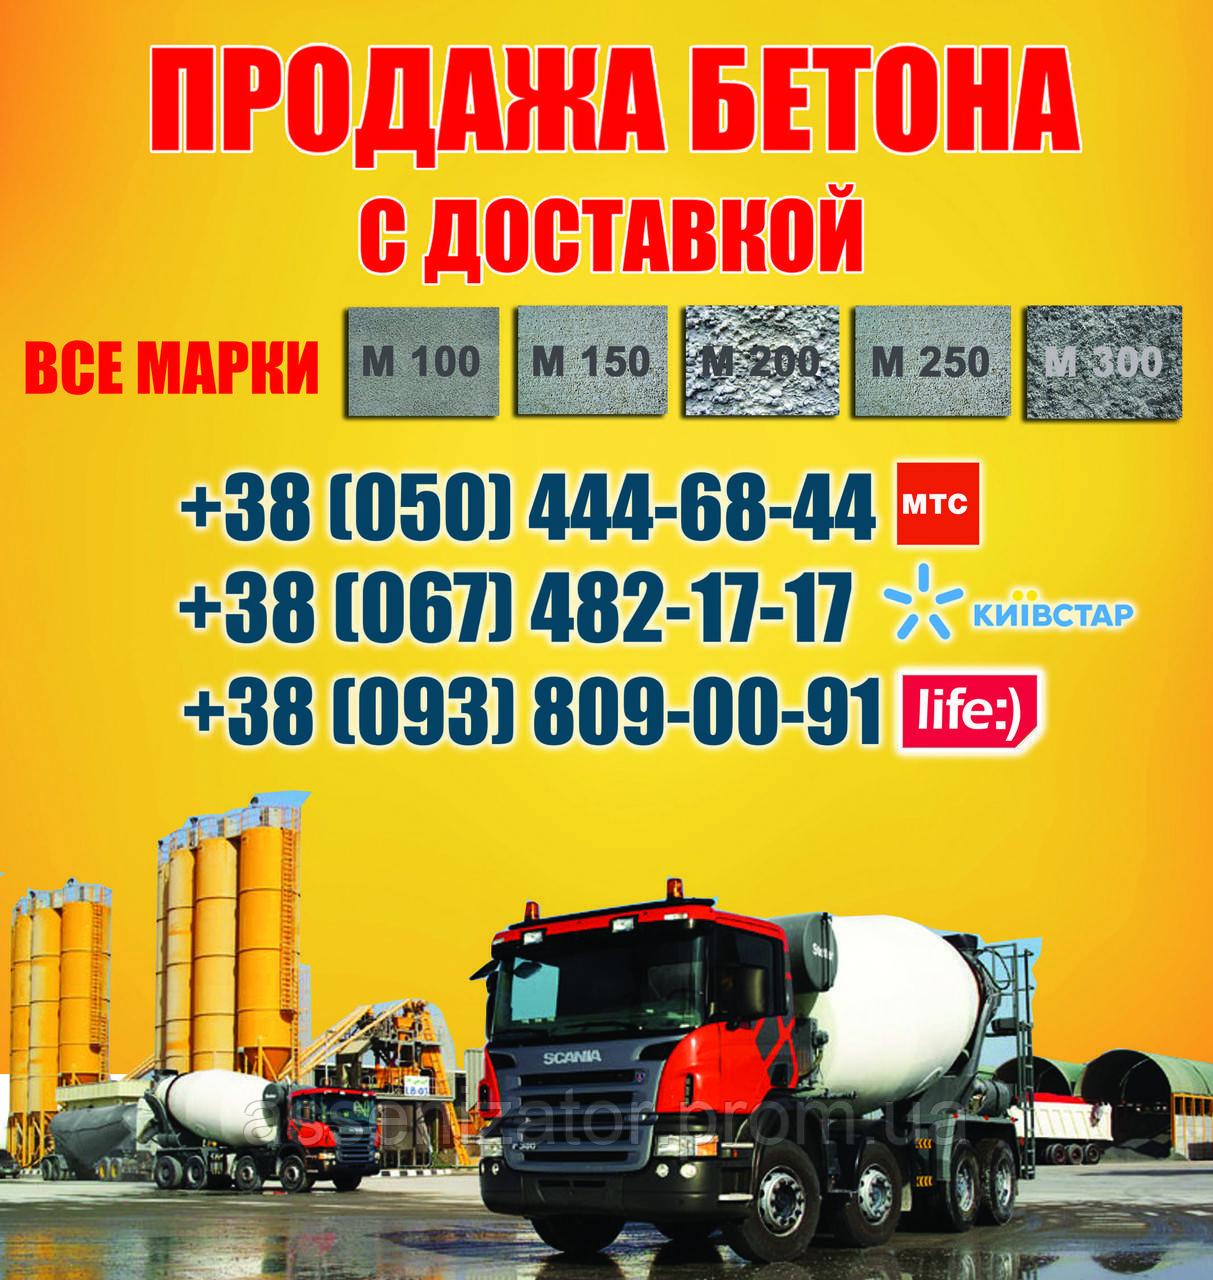 Бетон Шахтерск. Купить бетон в Шахтерске. Цена за куб по Шахтерску. Купить с доставкой бетон ШАХТЕРСК.